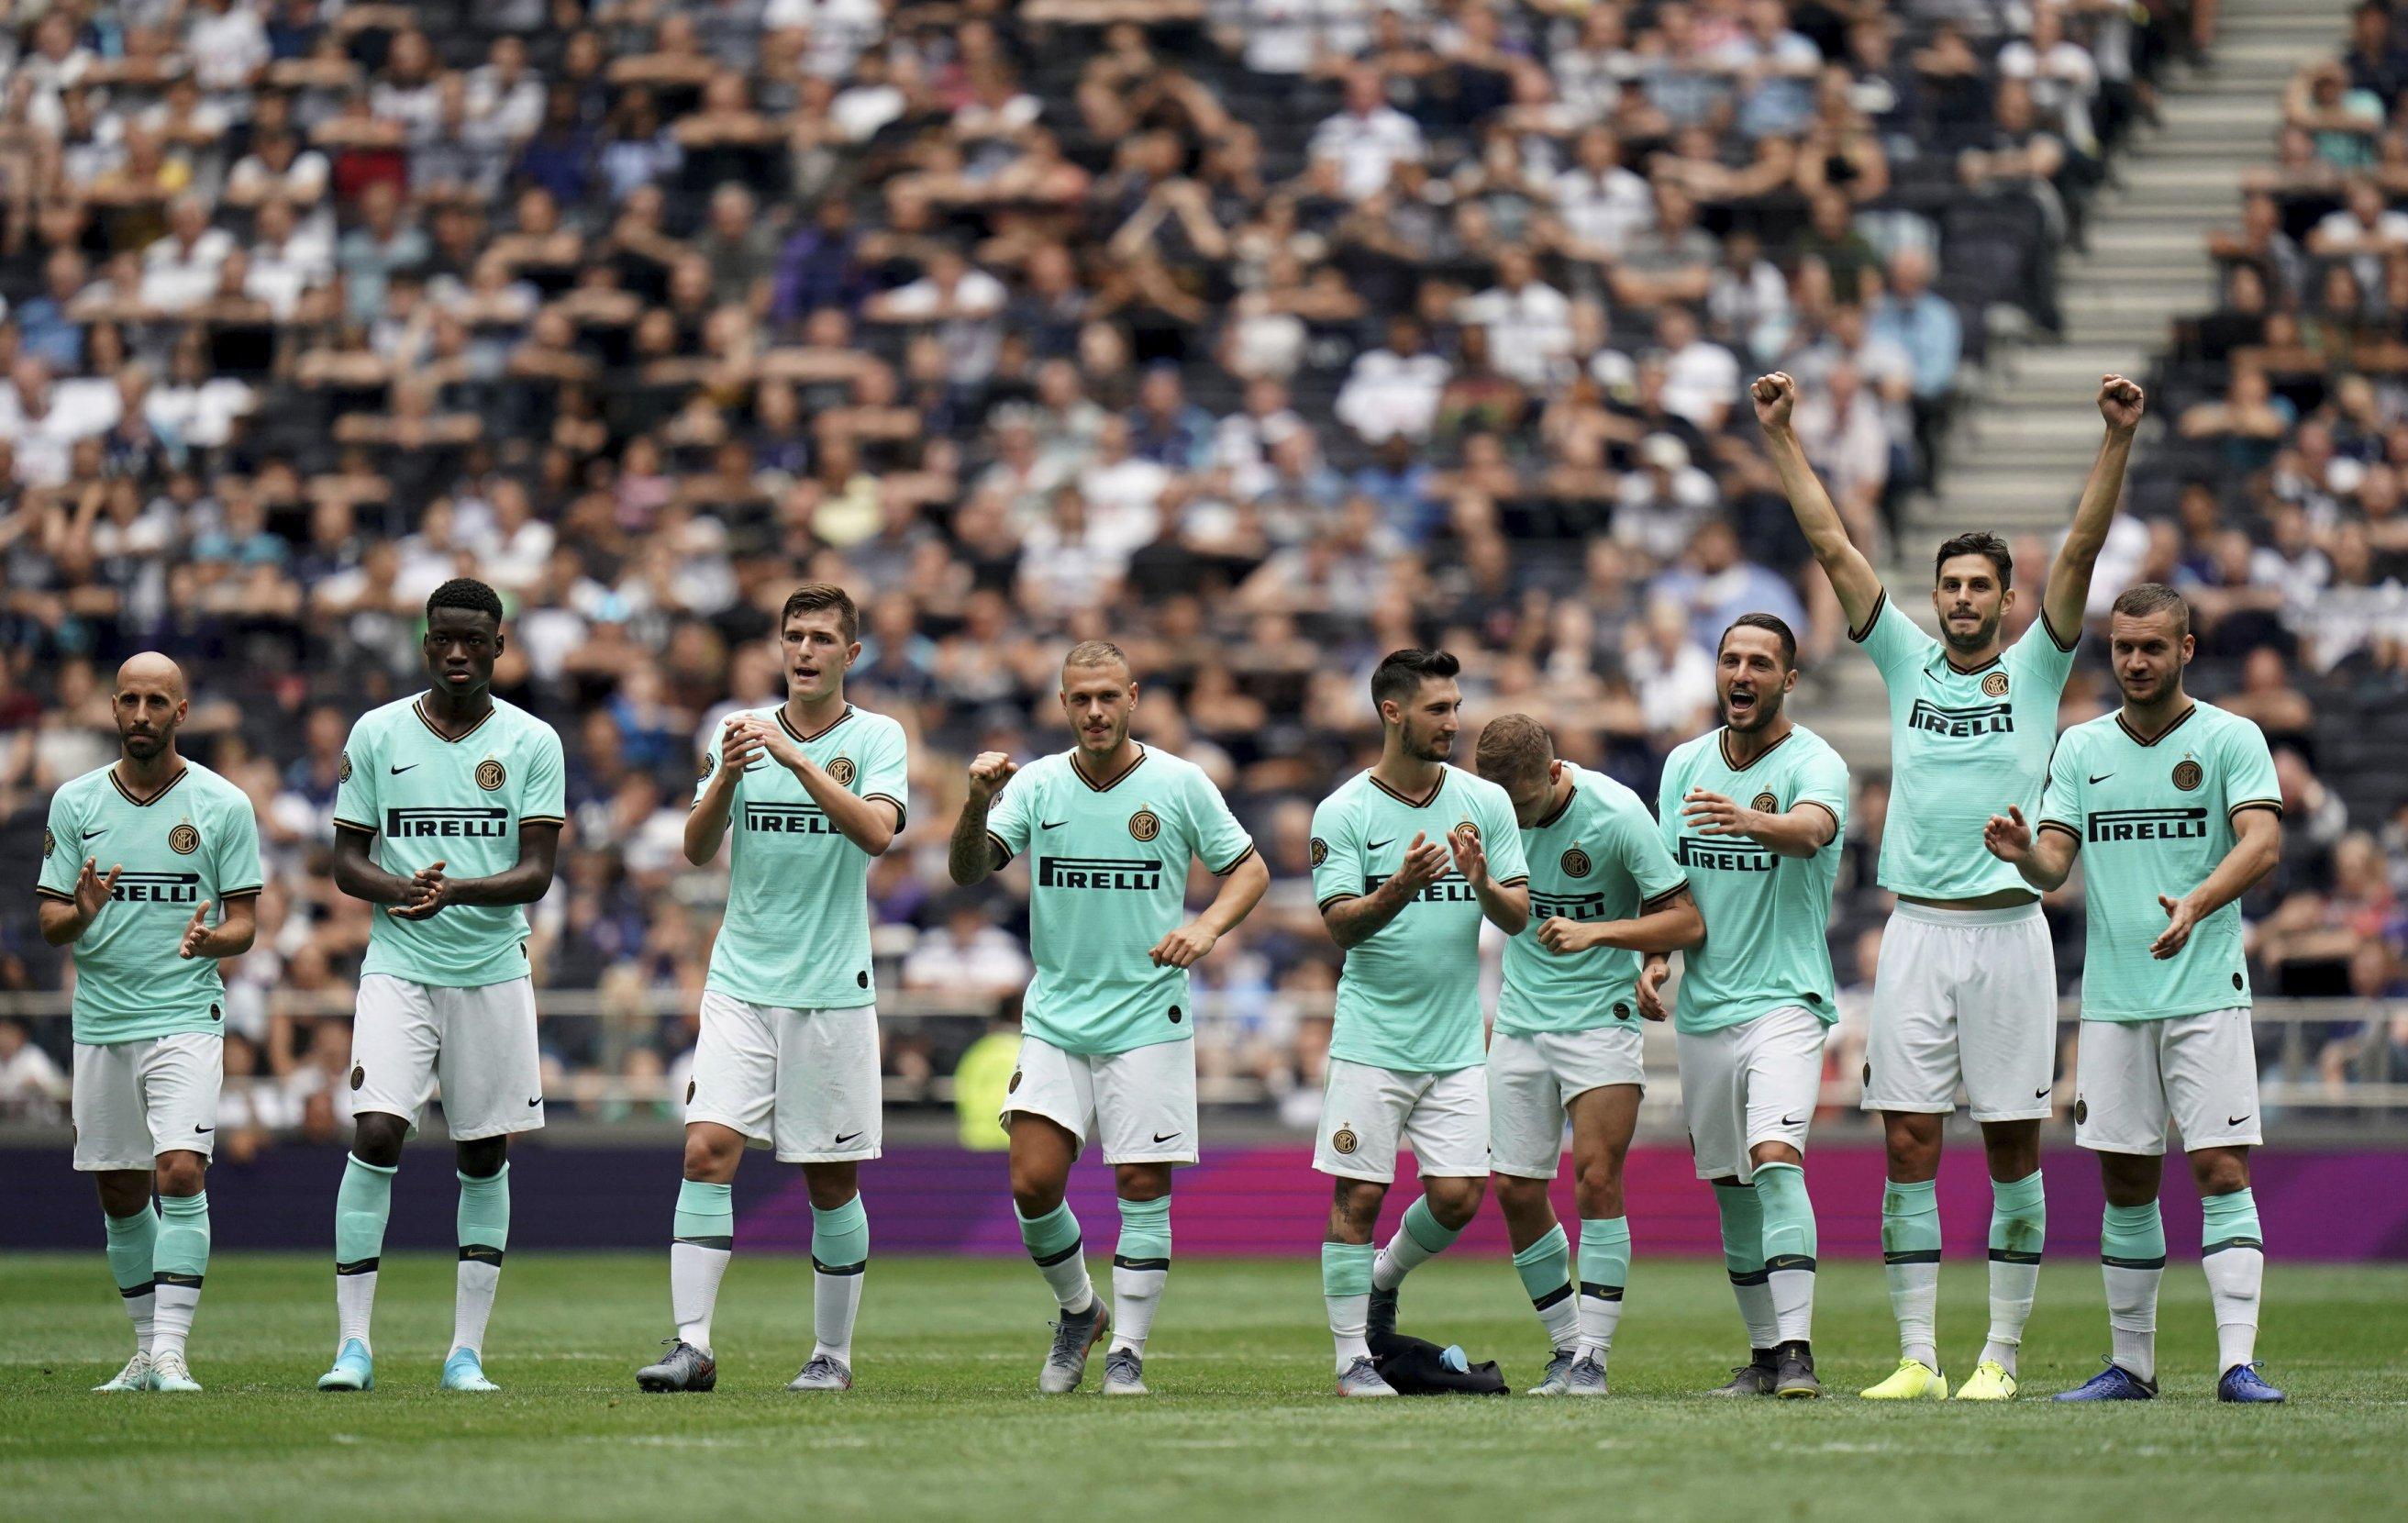 Trofeo Naranja, Valencia-Inter sabato in diretta esclusiva sul NOVE